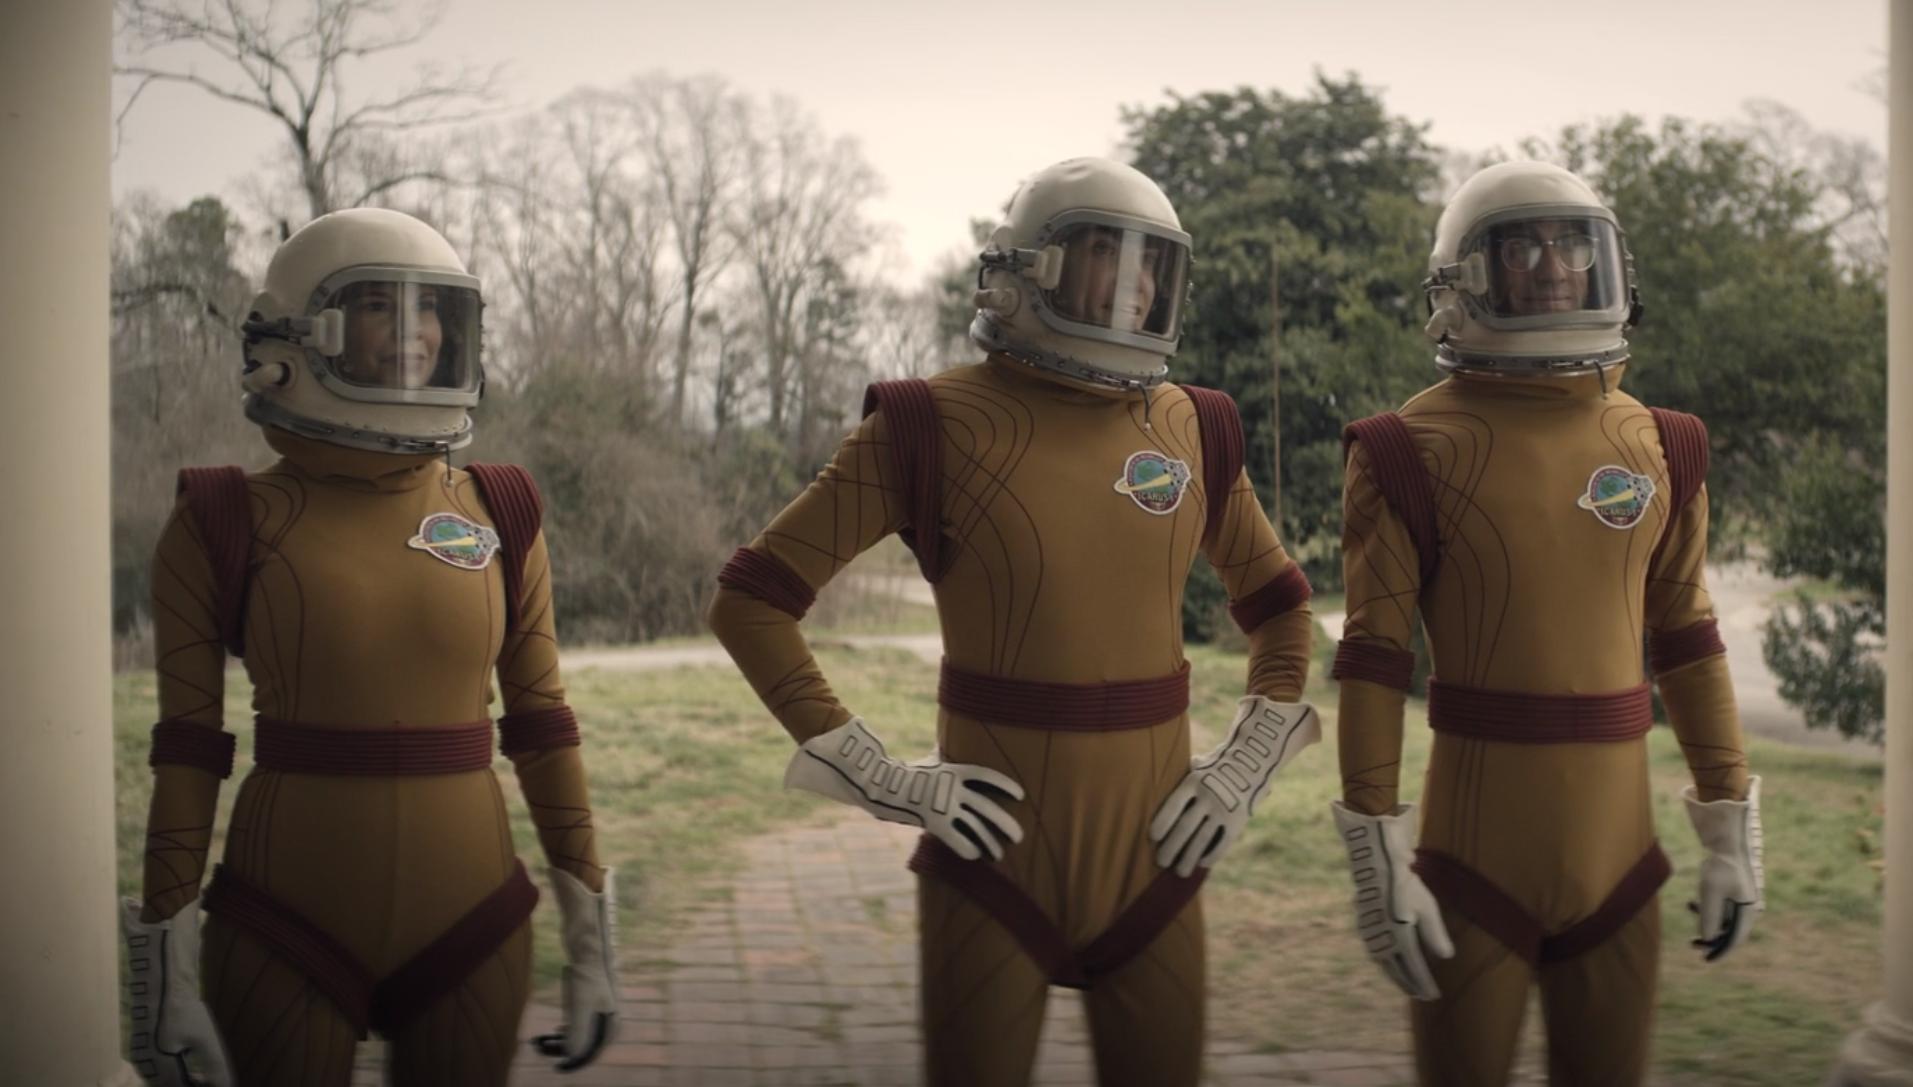 Pioneers of the Uncharted (Doom Patrol TV Series)